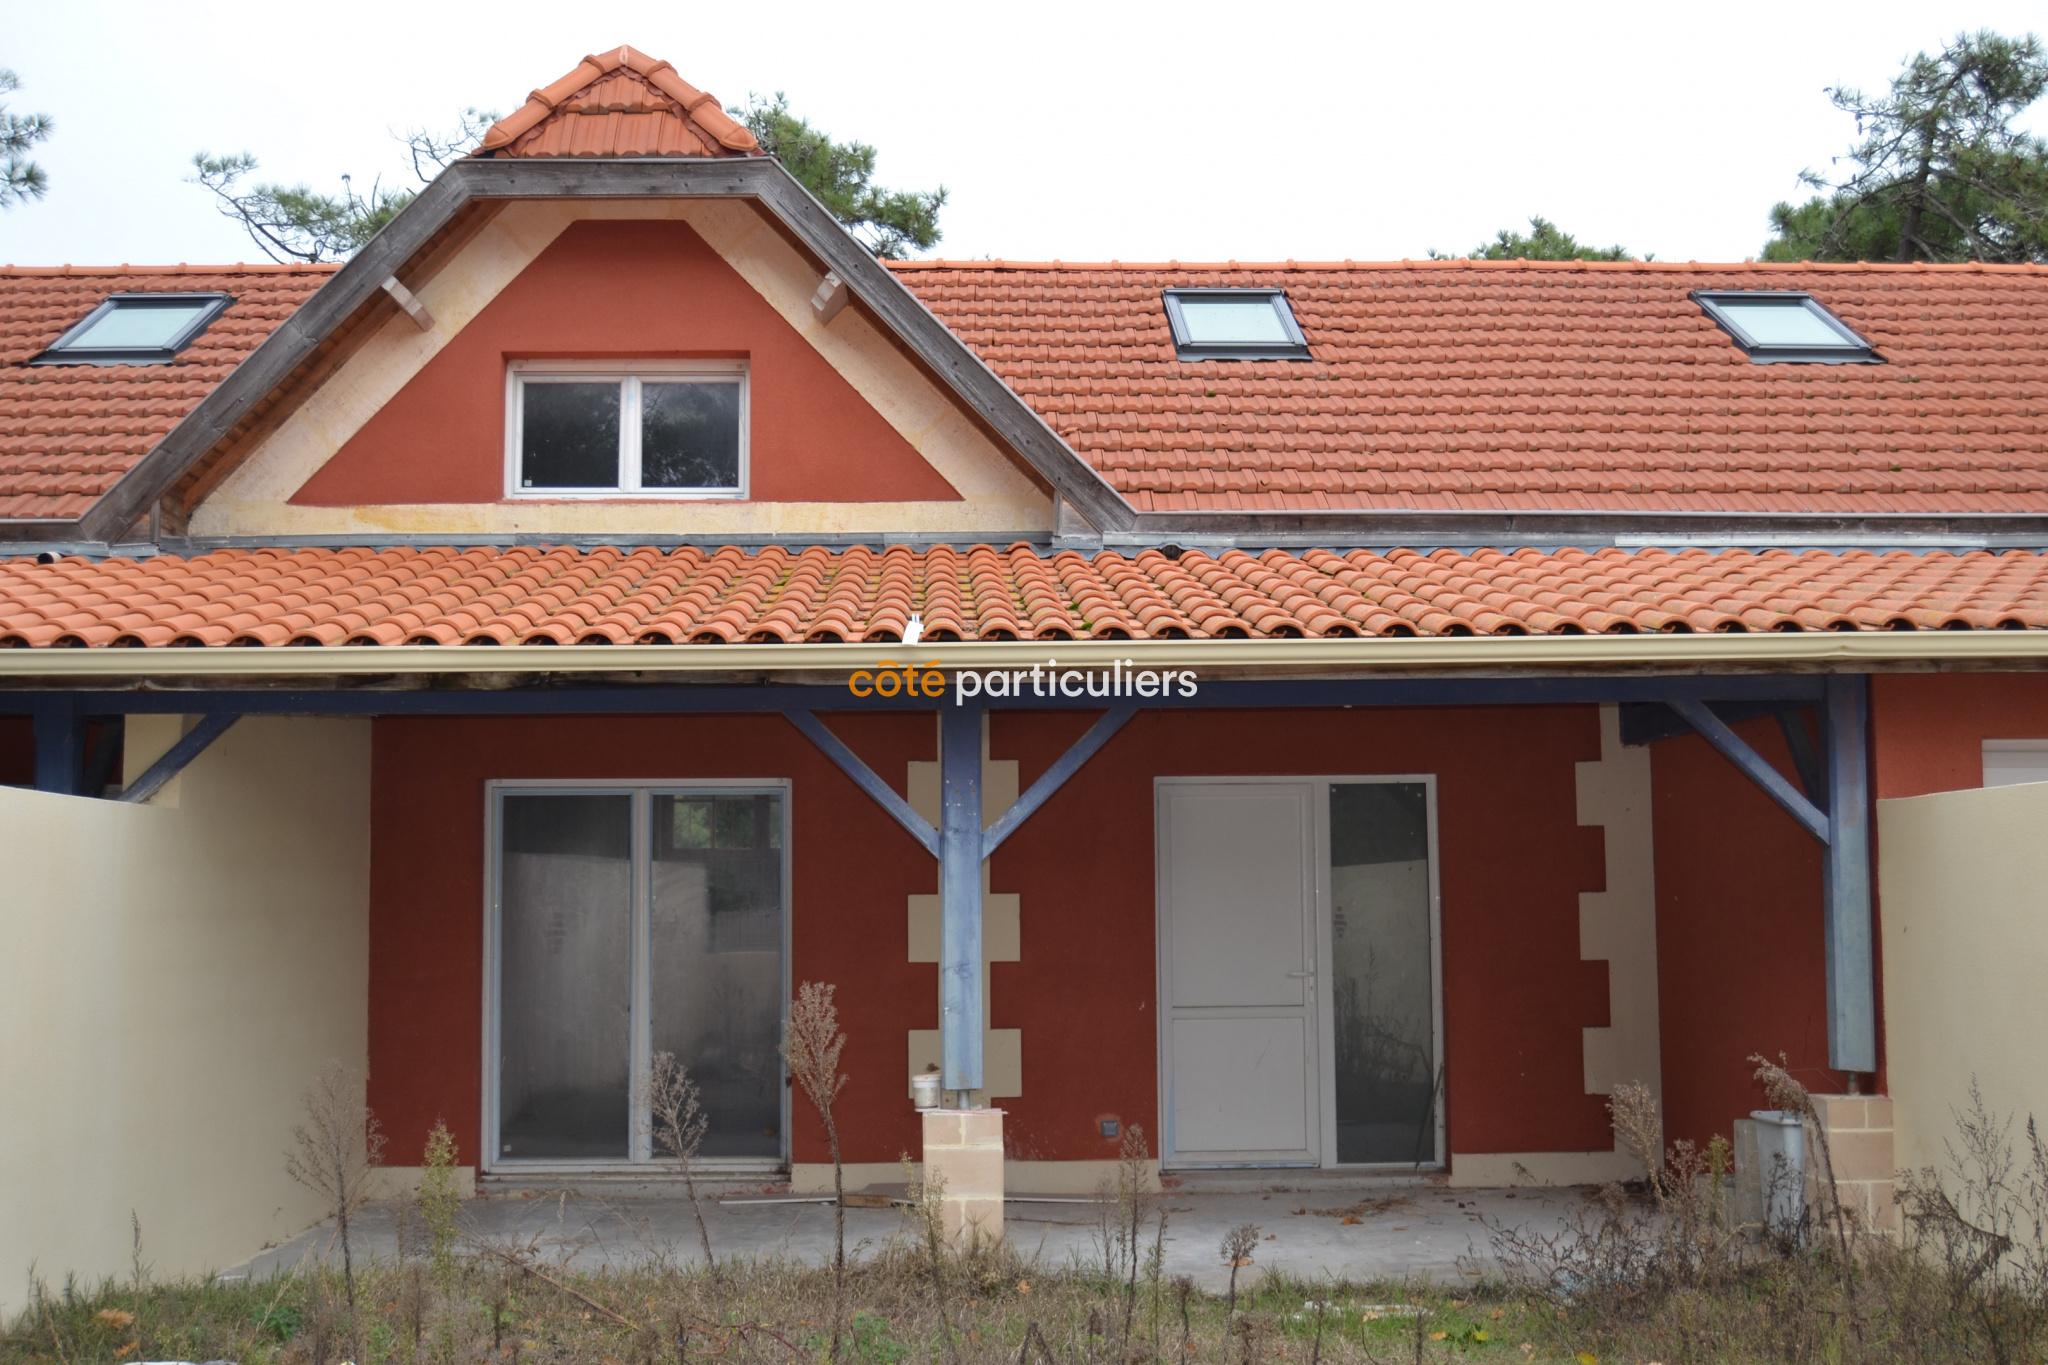 immobilier soulac sur mer - vente et location appartements, maisons